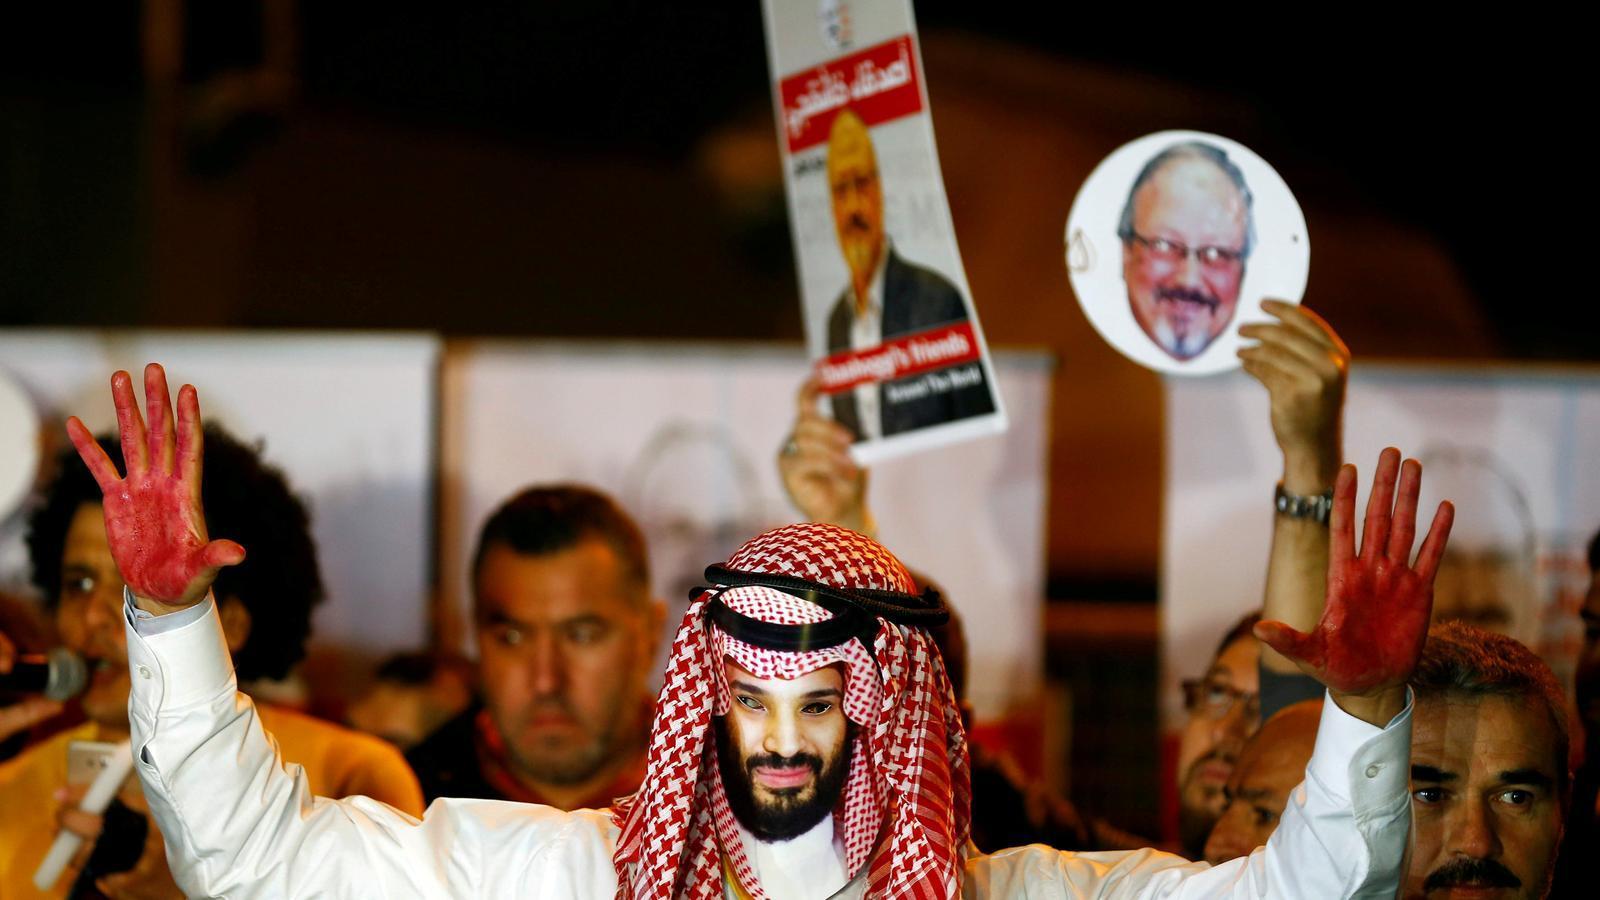 Protesta per demanar justícia per al periodista Khashoggi davant del consolat d'Istanbul